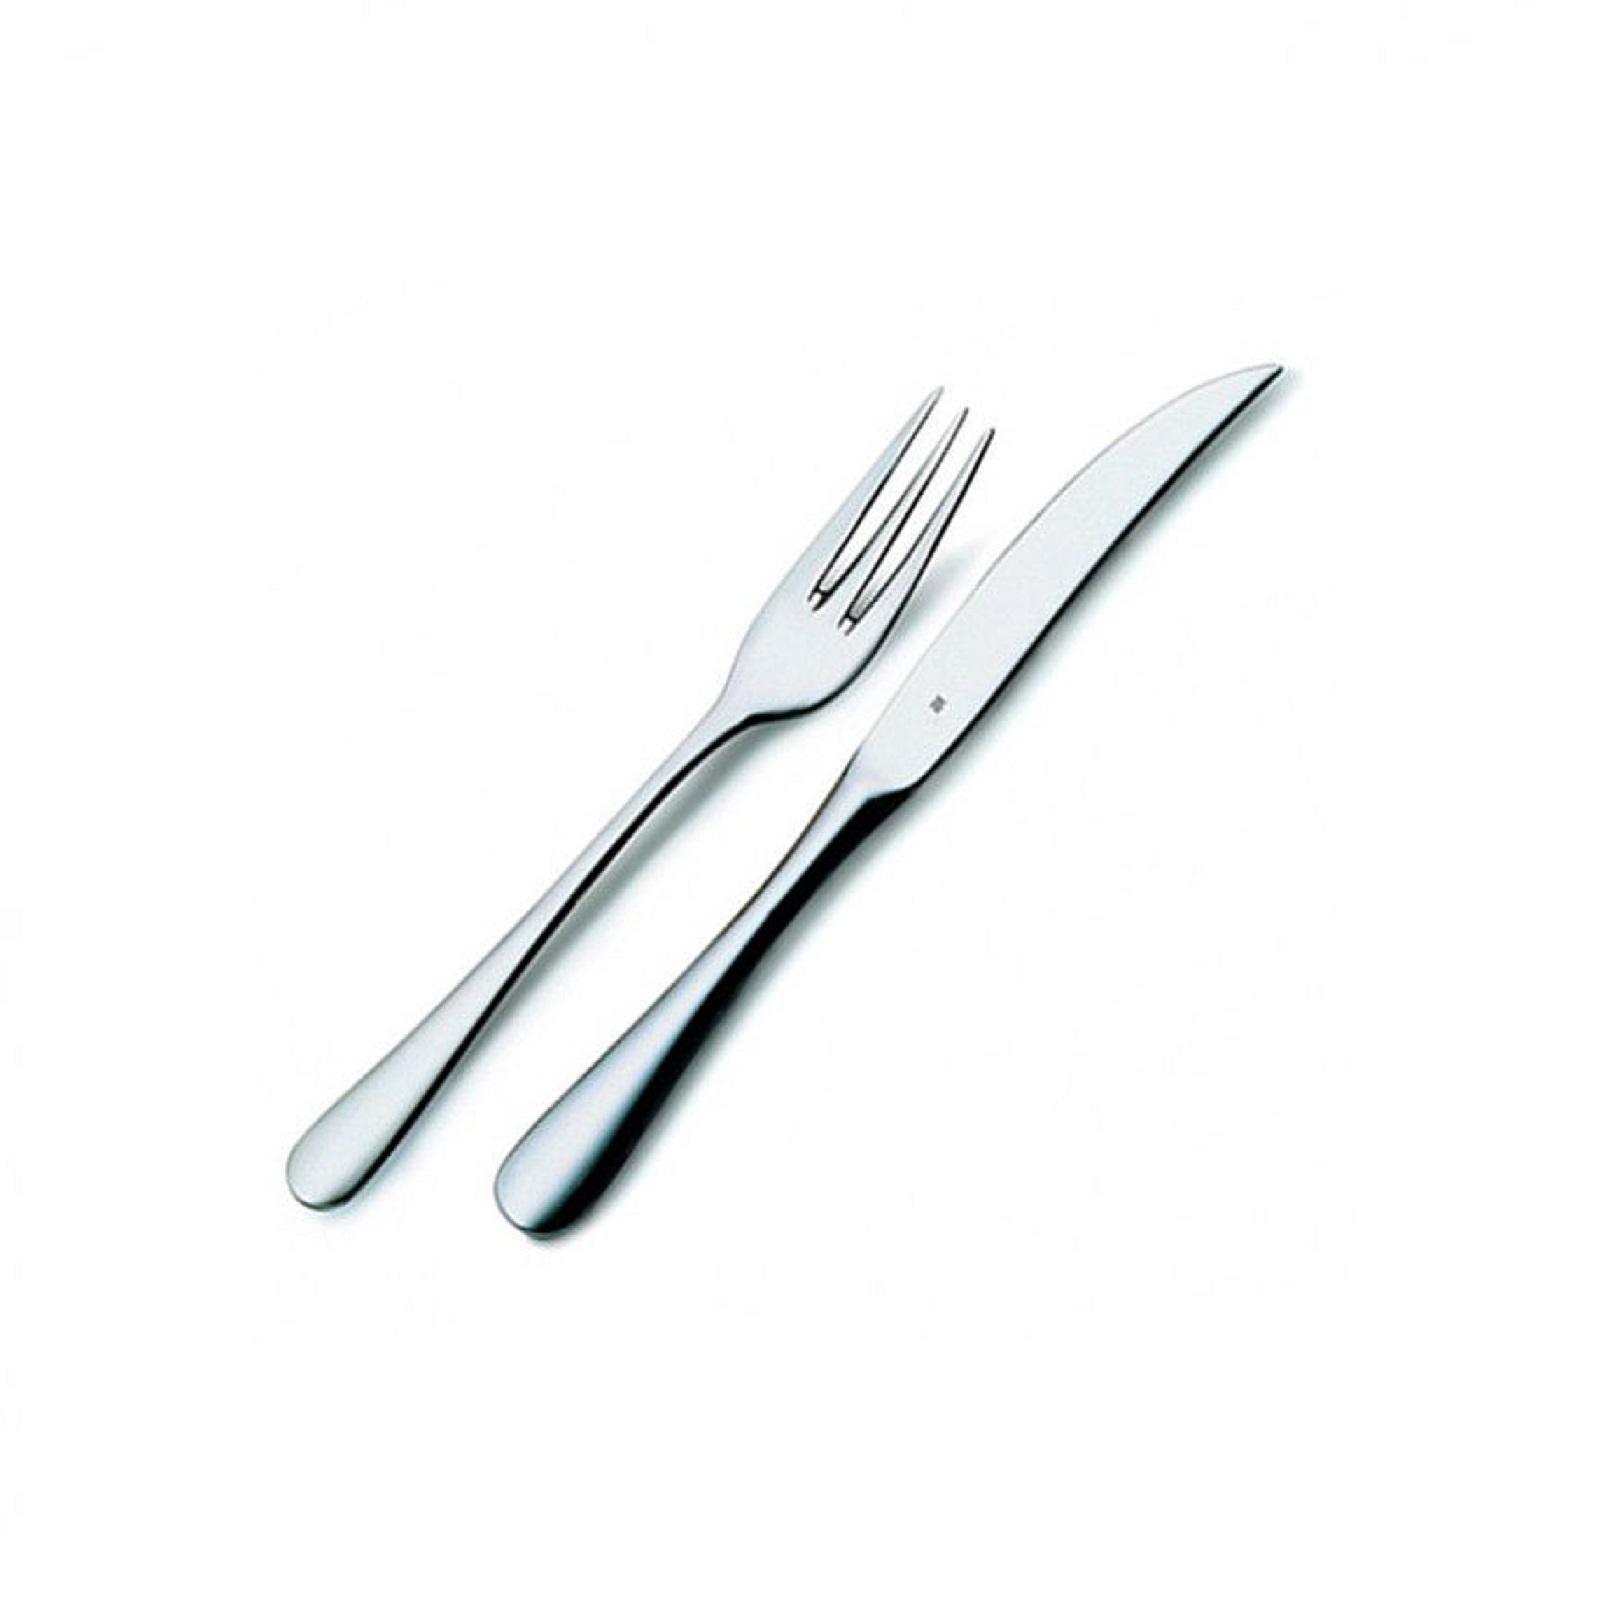 Набор приборов столовых для стейка WMF Tableware, серебристый, 12 предметов WMF 12 8023 9990 PROMO фото 2